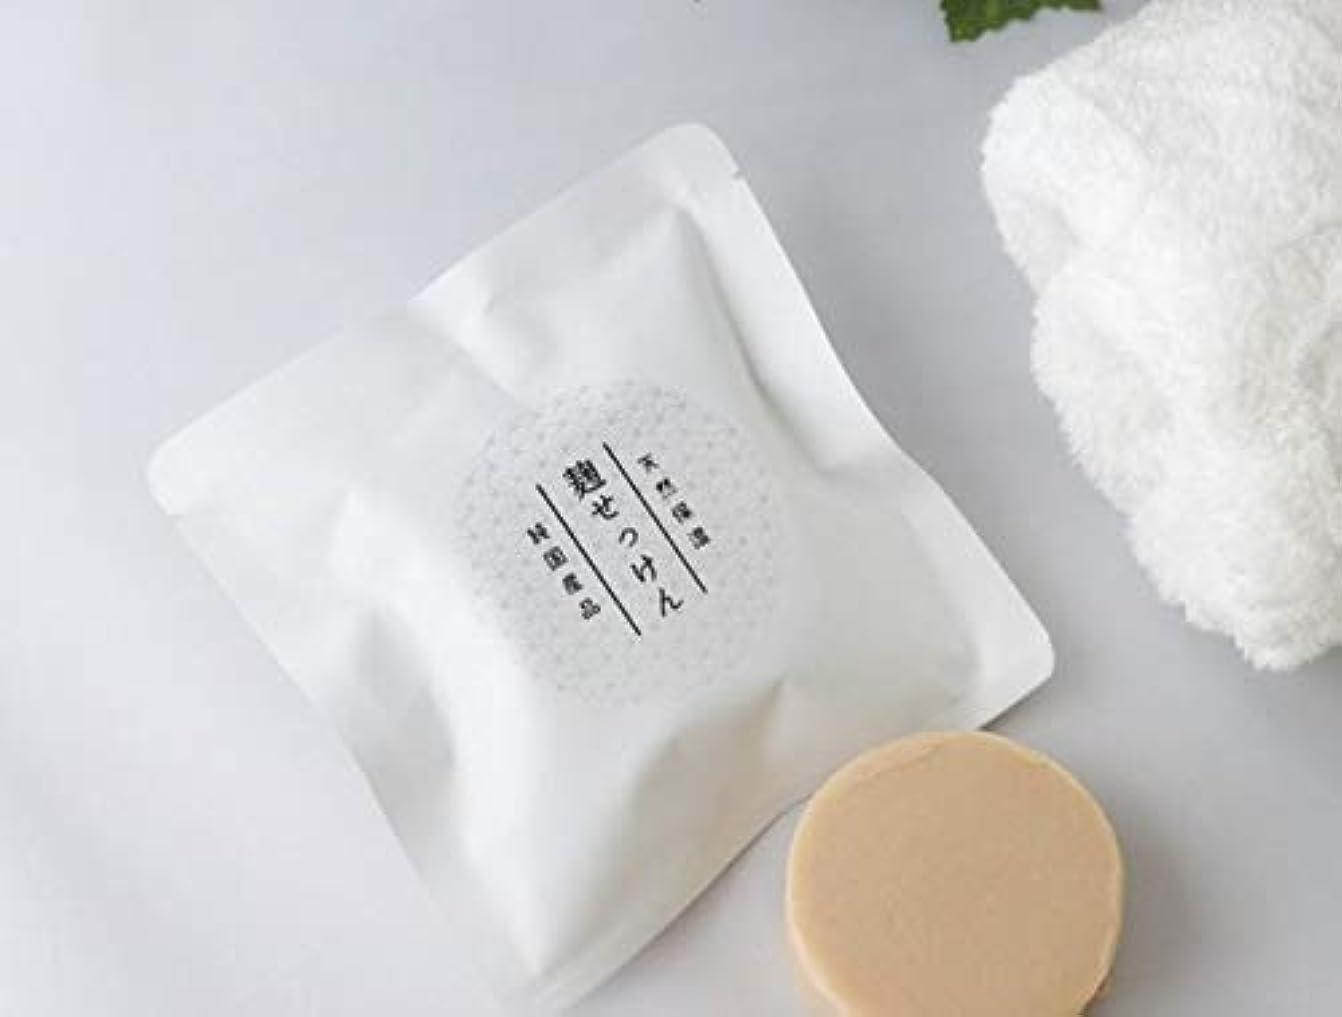 サーバネズミ分散ほんとのあなた麹石鹸 無添加オーガニック コールド?プロセス製法